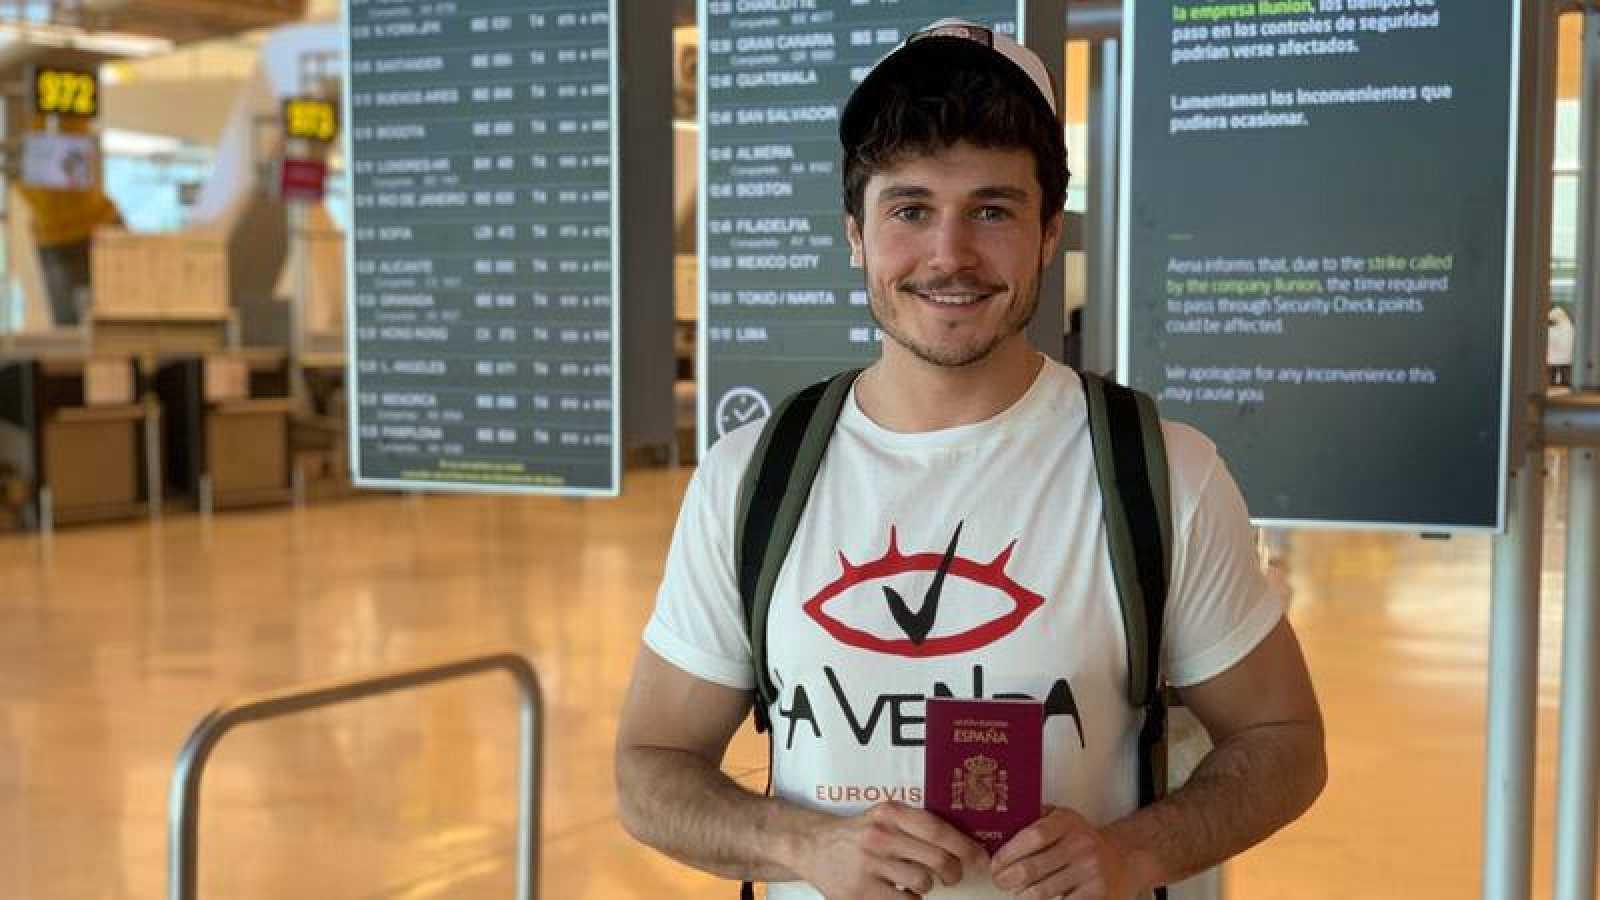 Miki en el aeropuerto de Madrid Barajas